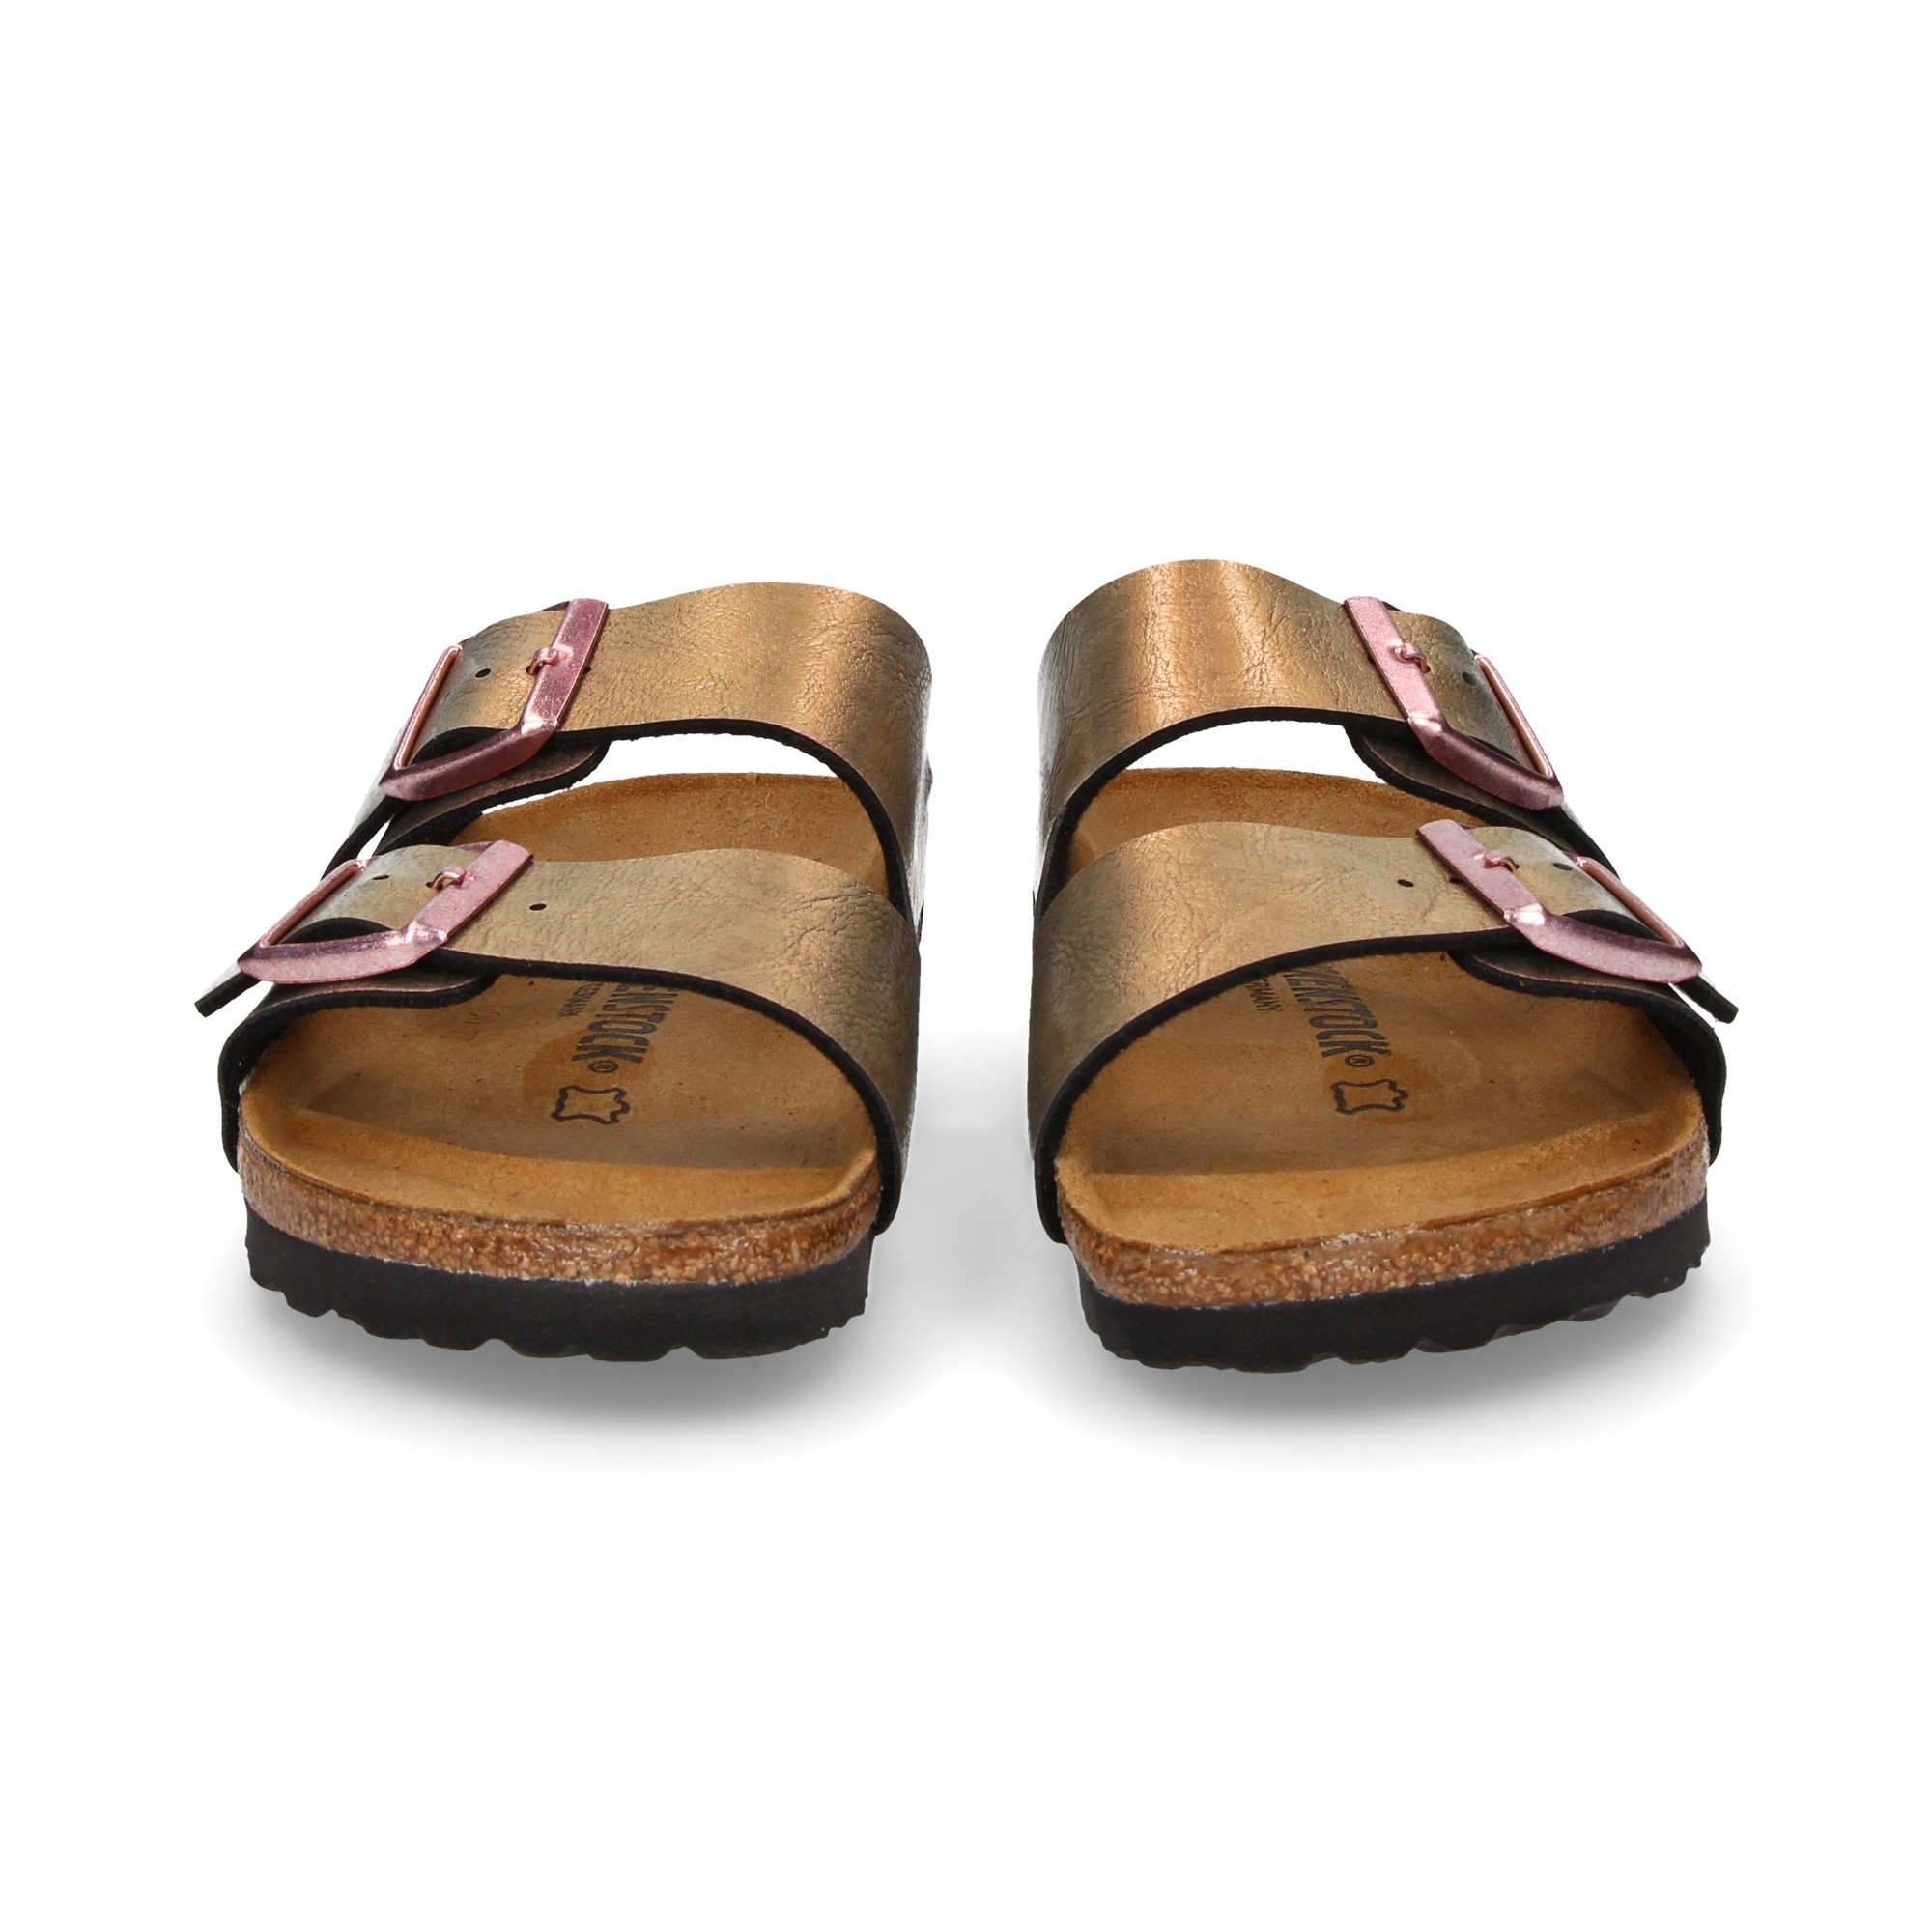 c9f72a16c1ad Harga Birkenstock Rio Womens Sandals Size 7.5